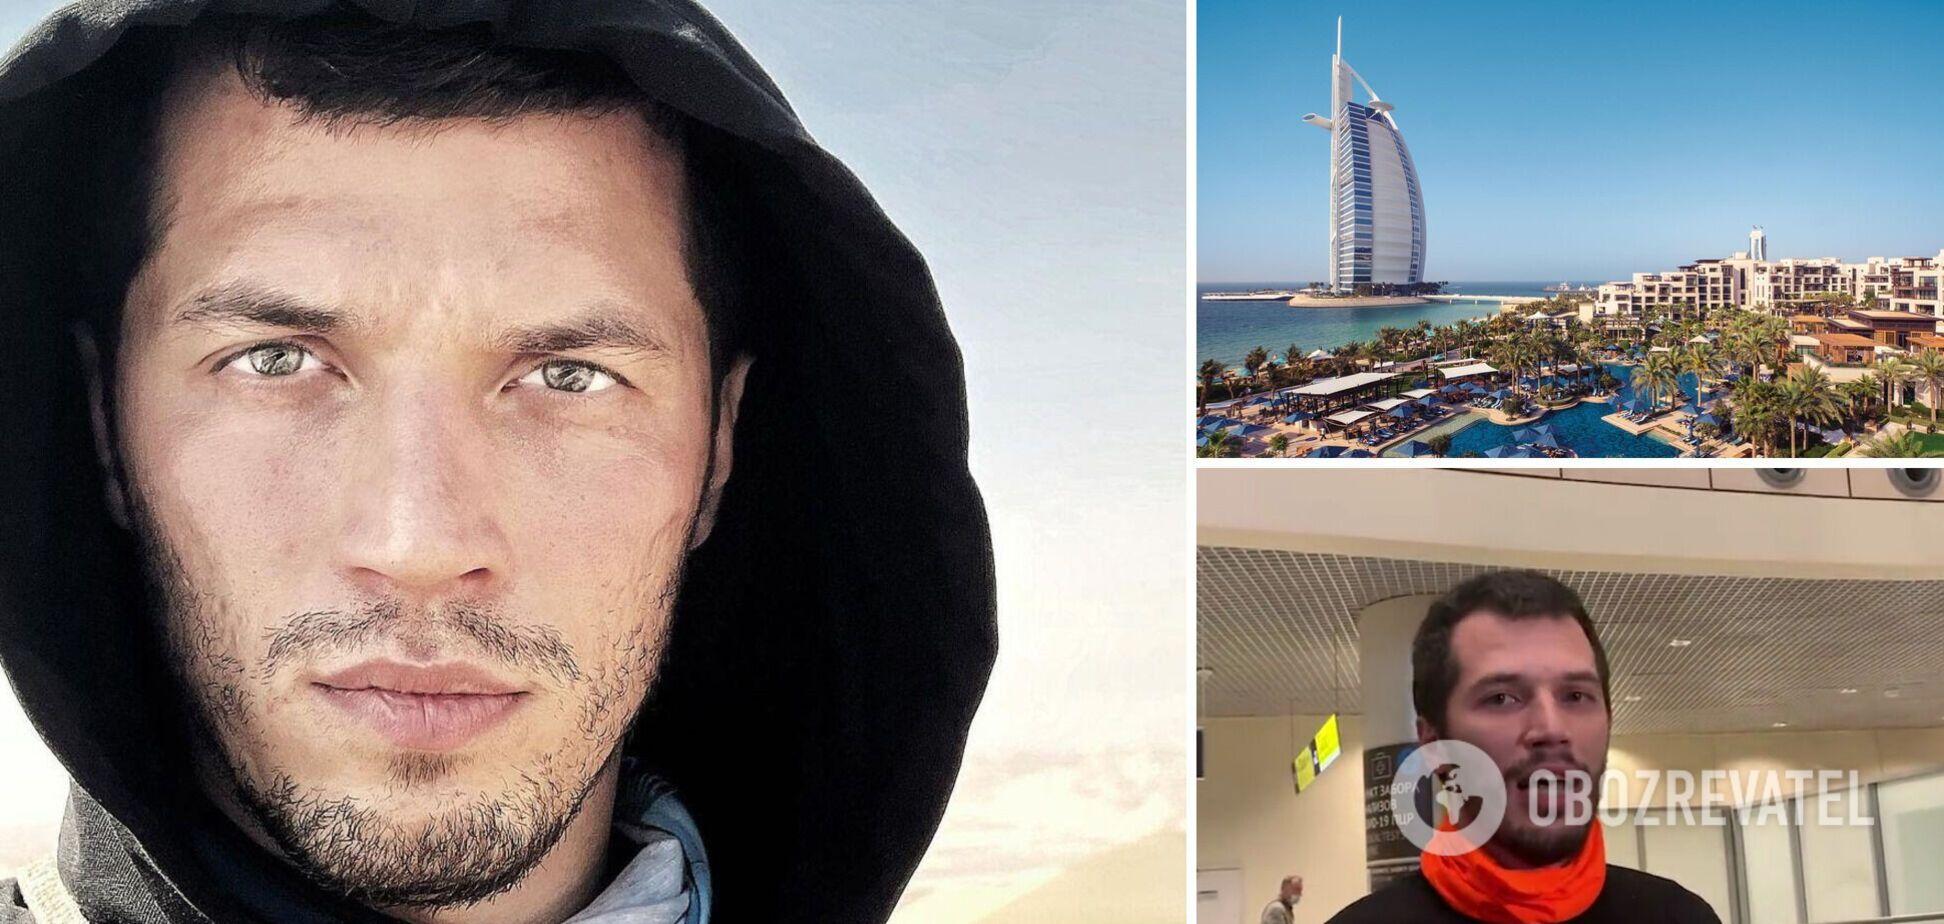 'Організатор' голої фотосесії в Дубаї повернувся в Росію: перше відео